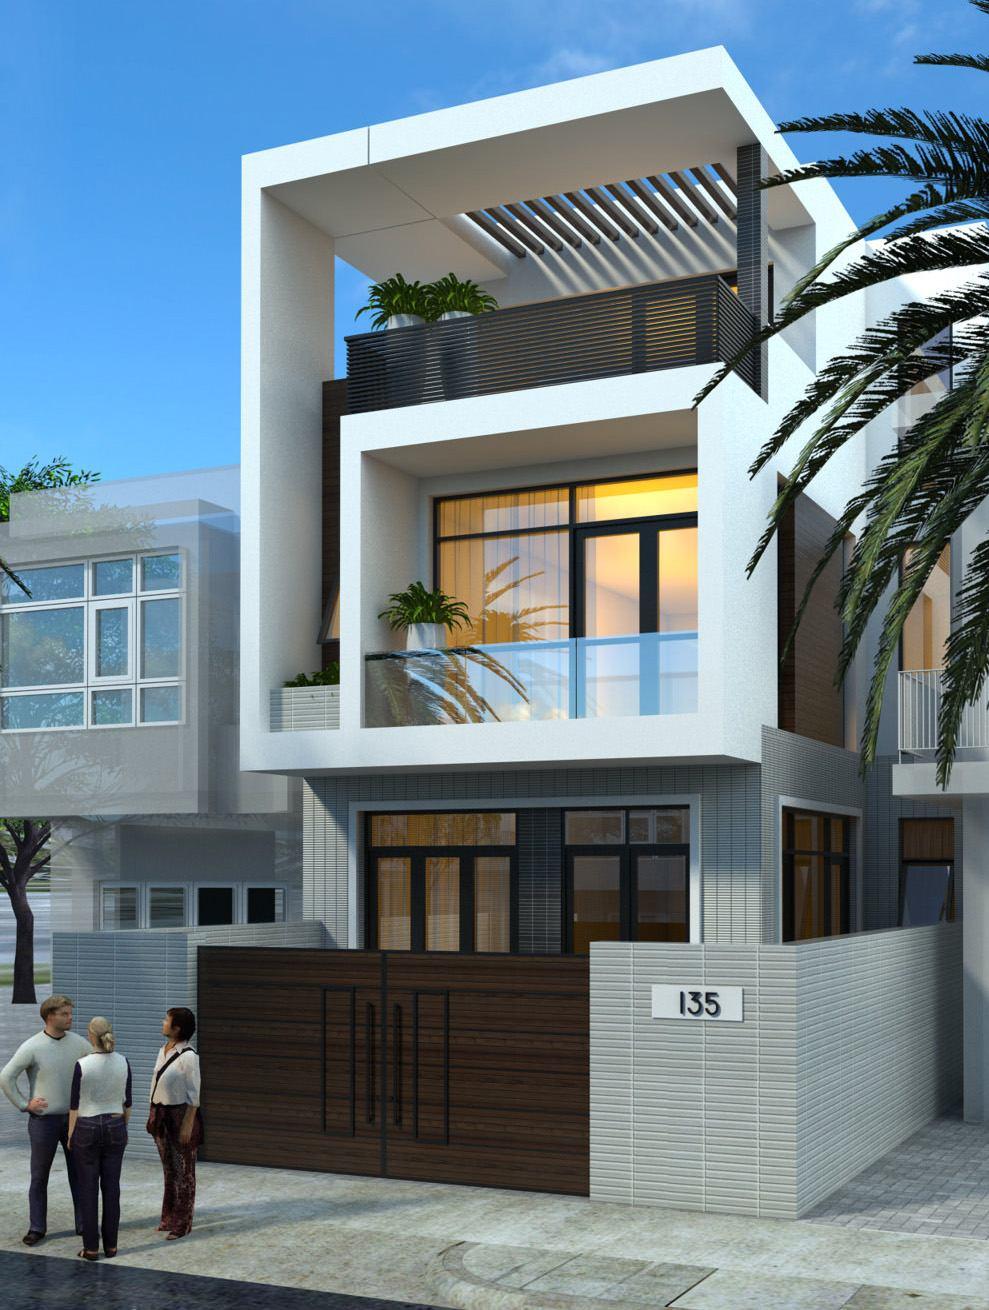 Thiết kế kiến trúc nhà 3 tầng Hải Phòng đẹp hiện đại